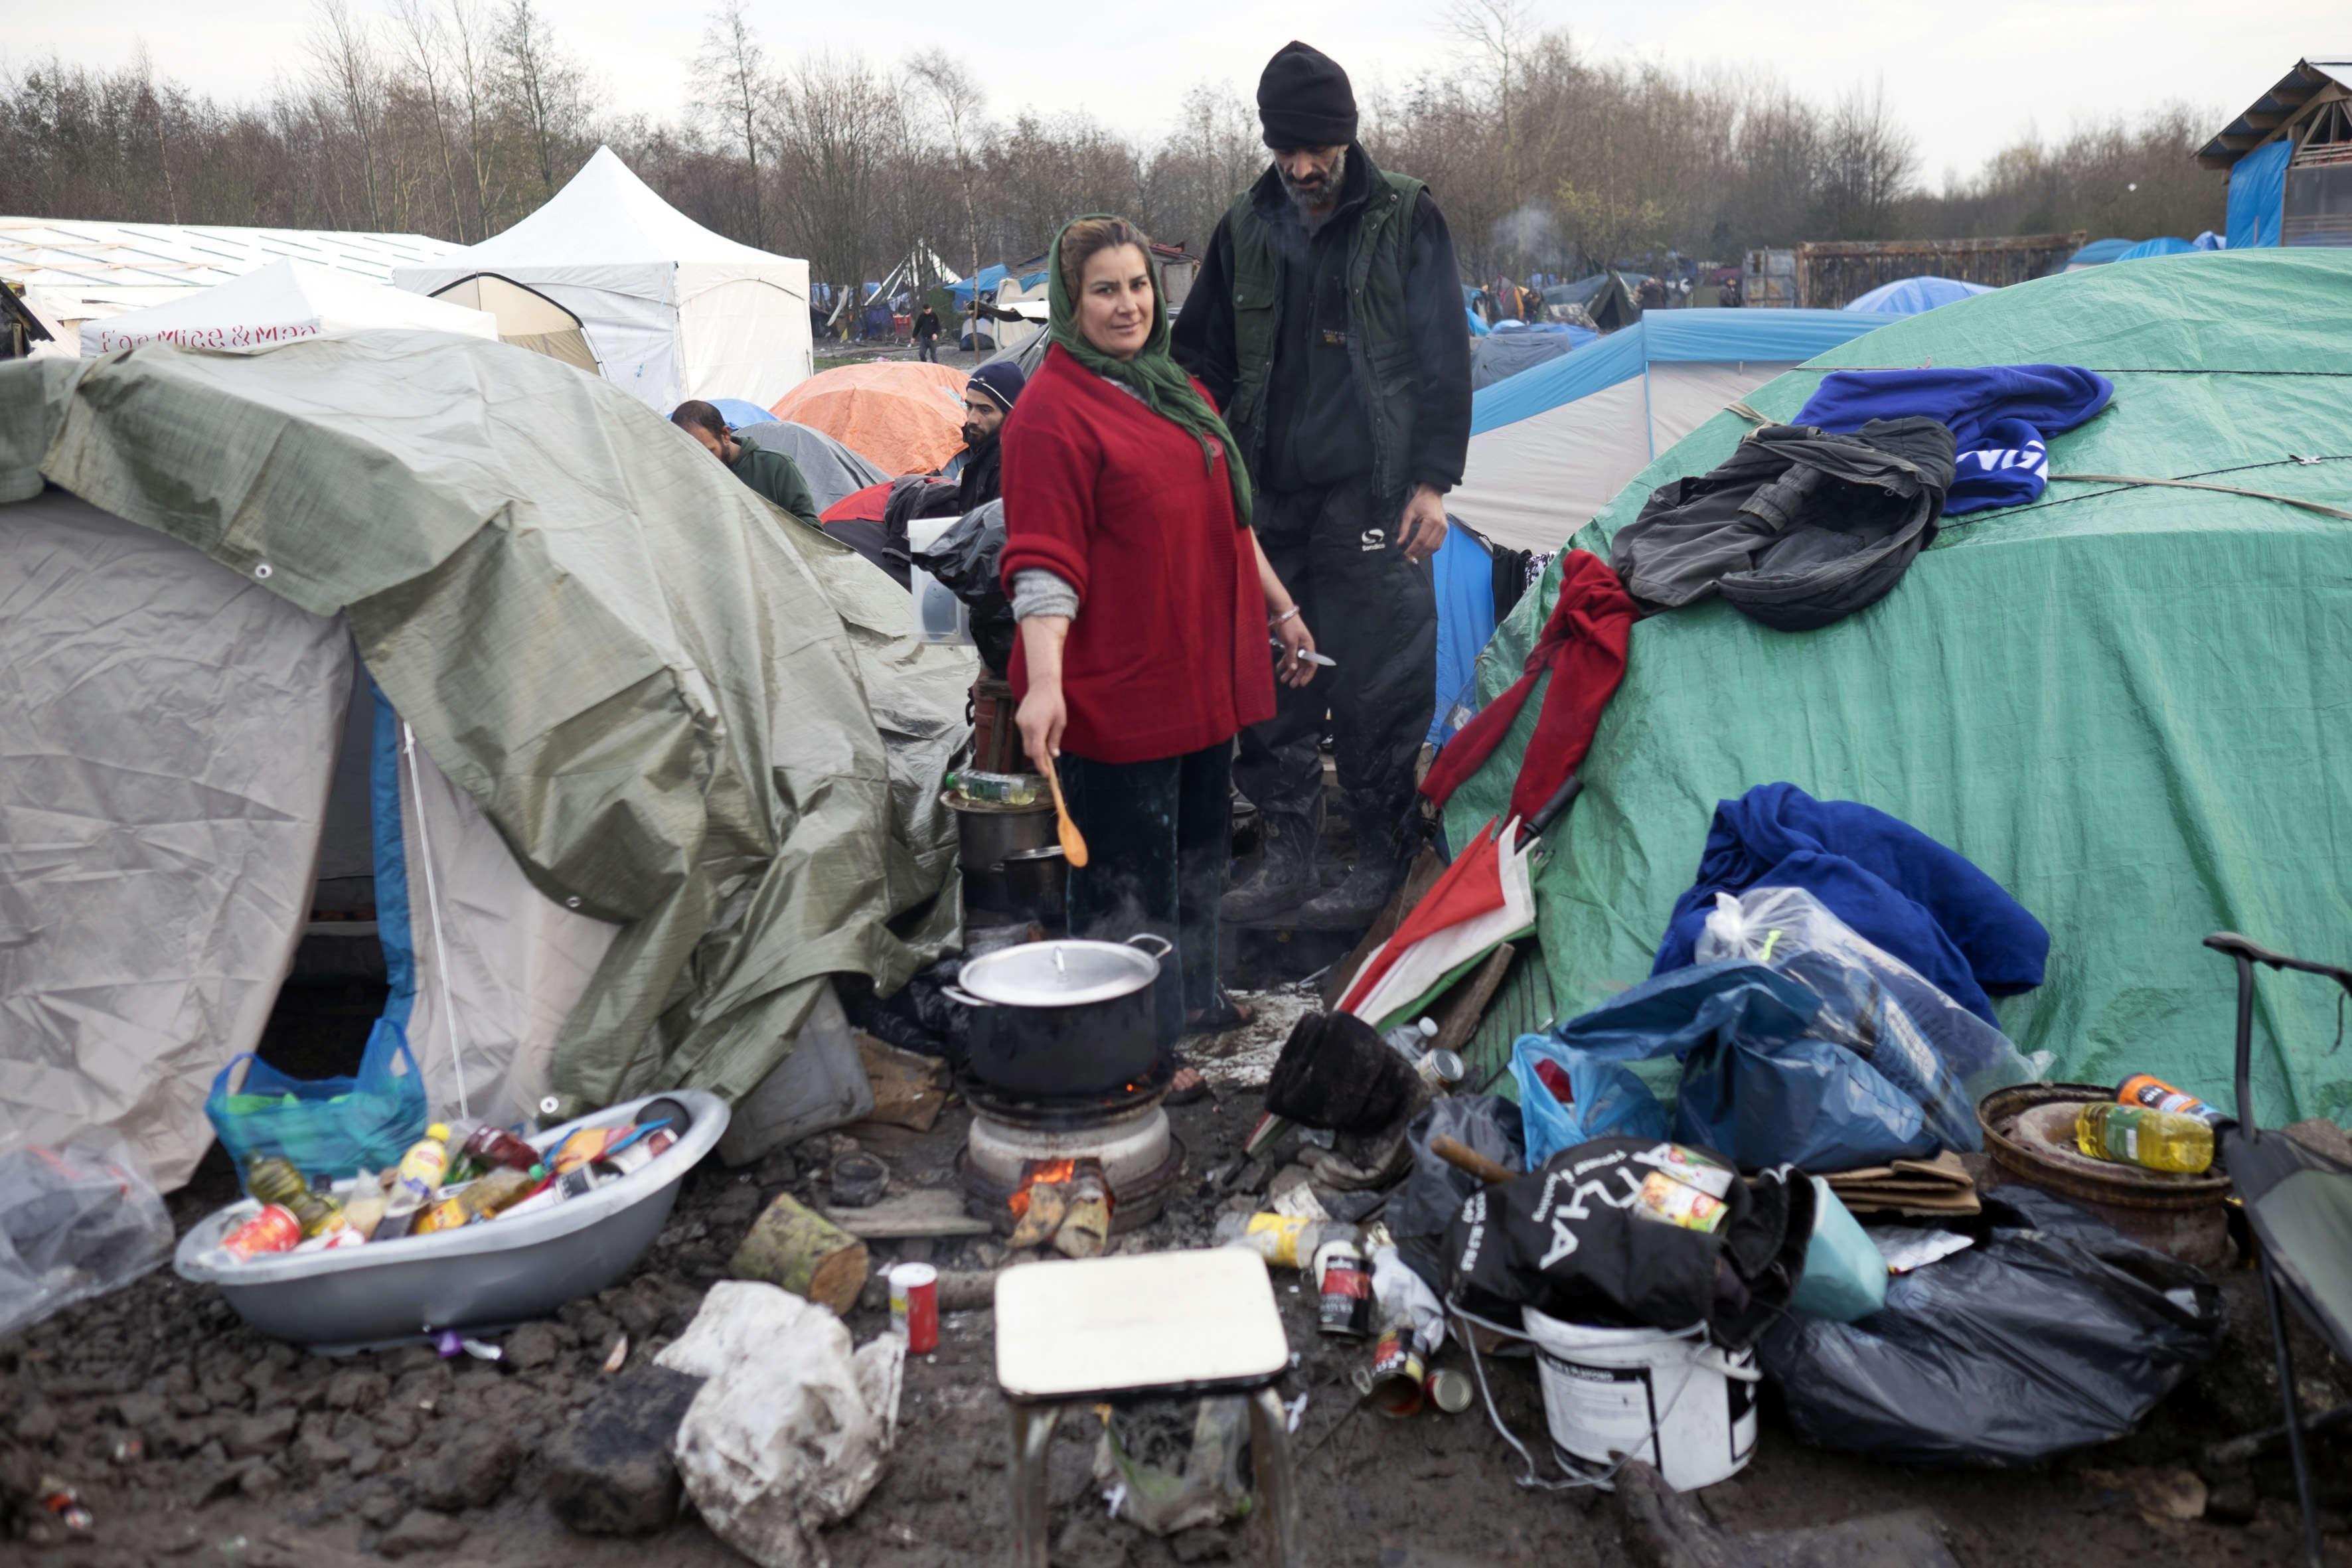 Aux portes de Dunkerque, à 30kilomètres de la jungle de Calais, ils s'entassent dans la boue et le froid, l'humidité et le vent.